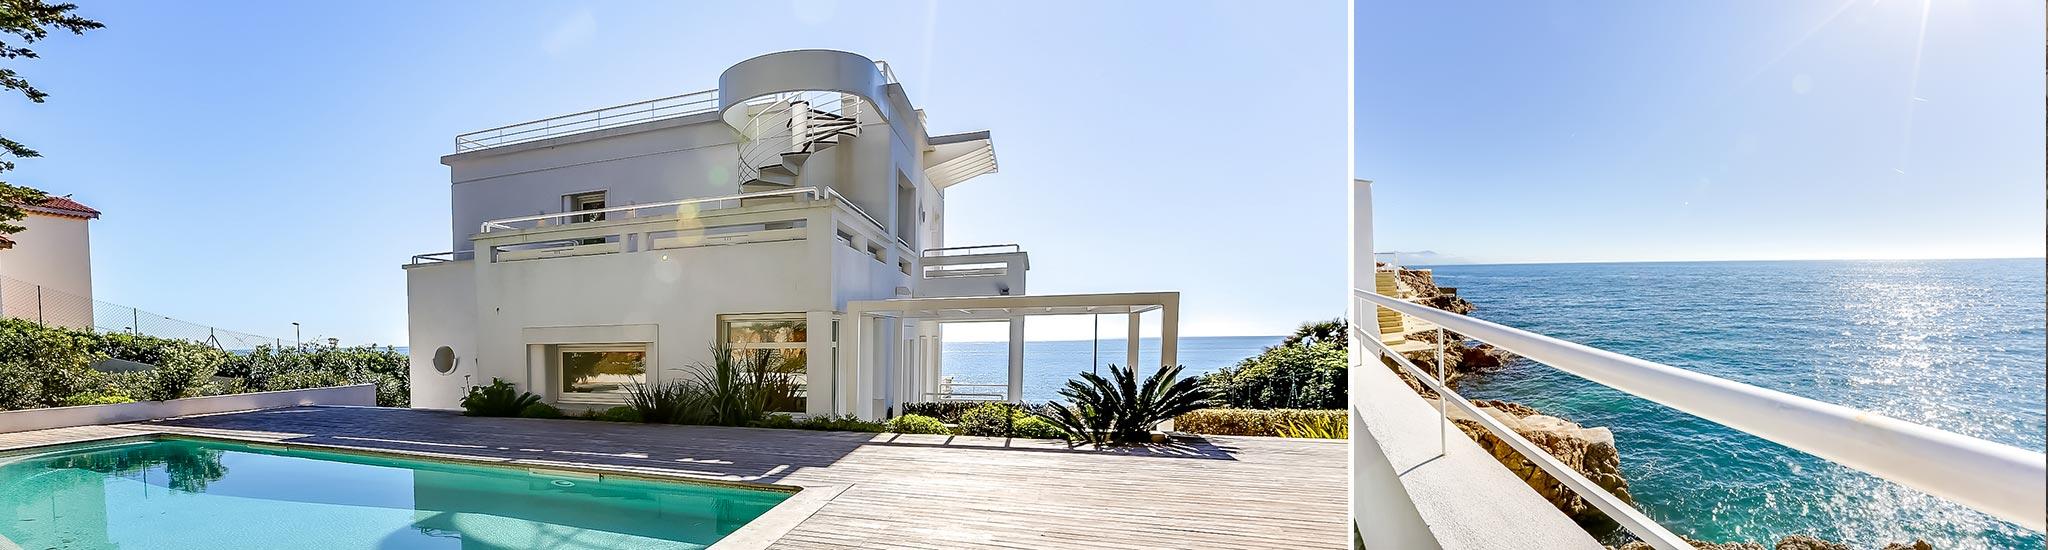 CAP D'ANTIBES - 06400 Exceptionnelle propri�t� 'Pieds dans l'eau' au Cap d'Antibes.  Villa d...